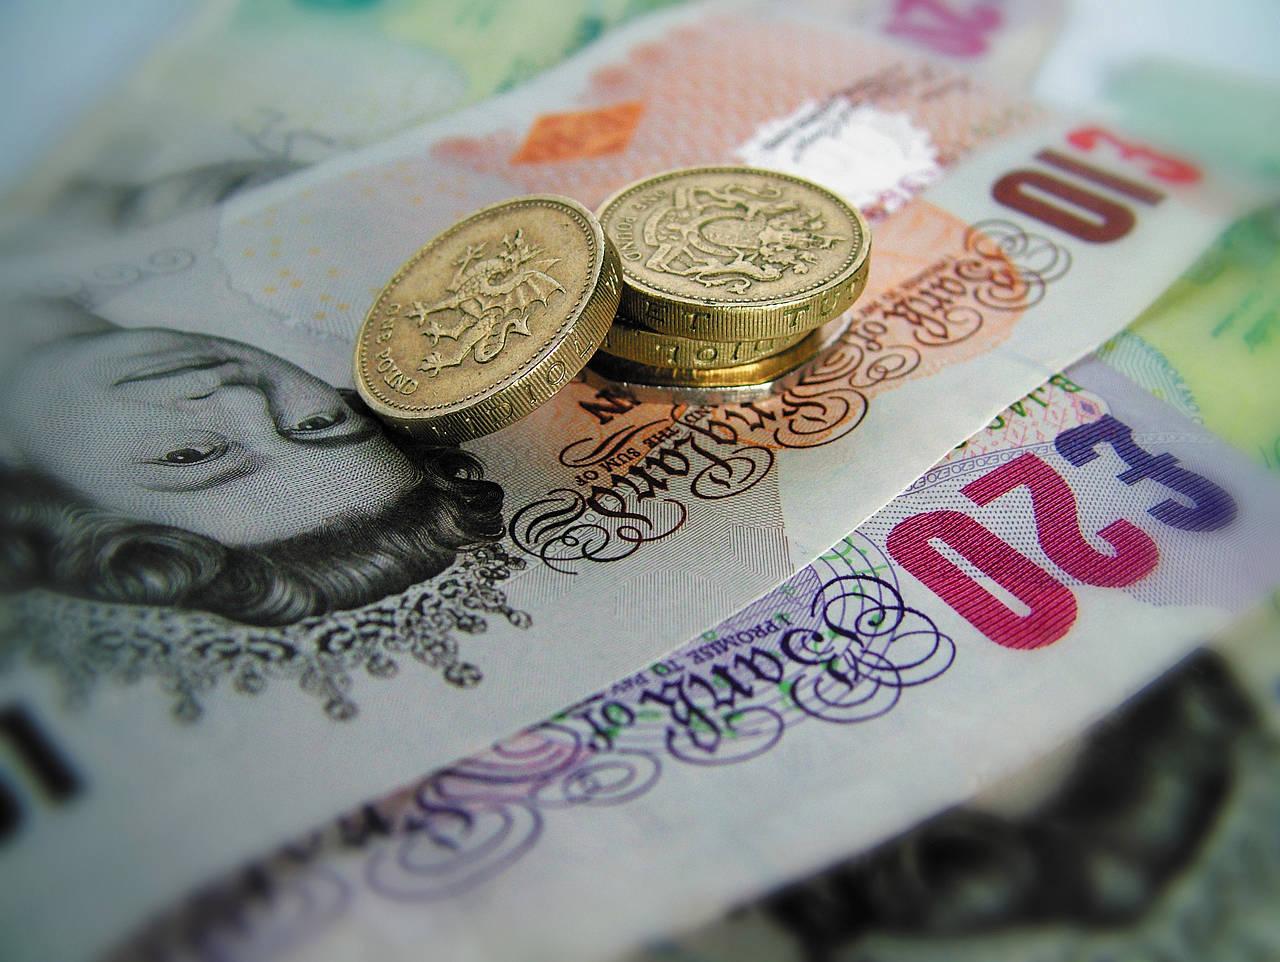 währung england pfund